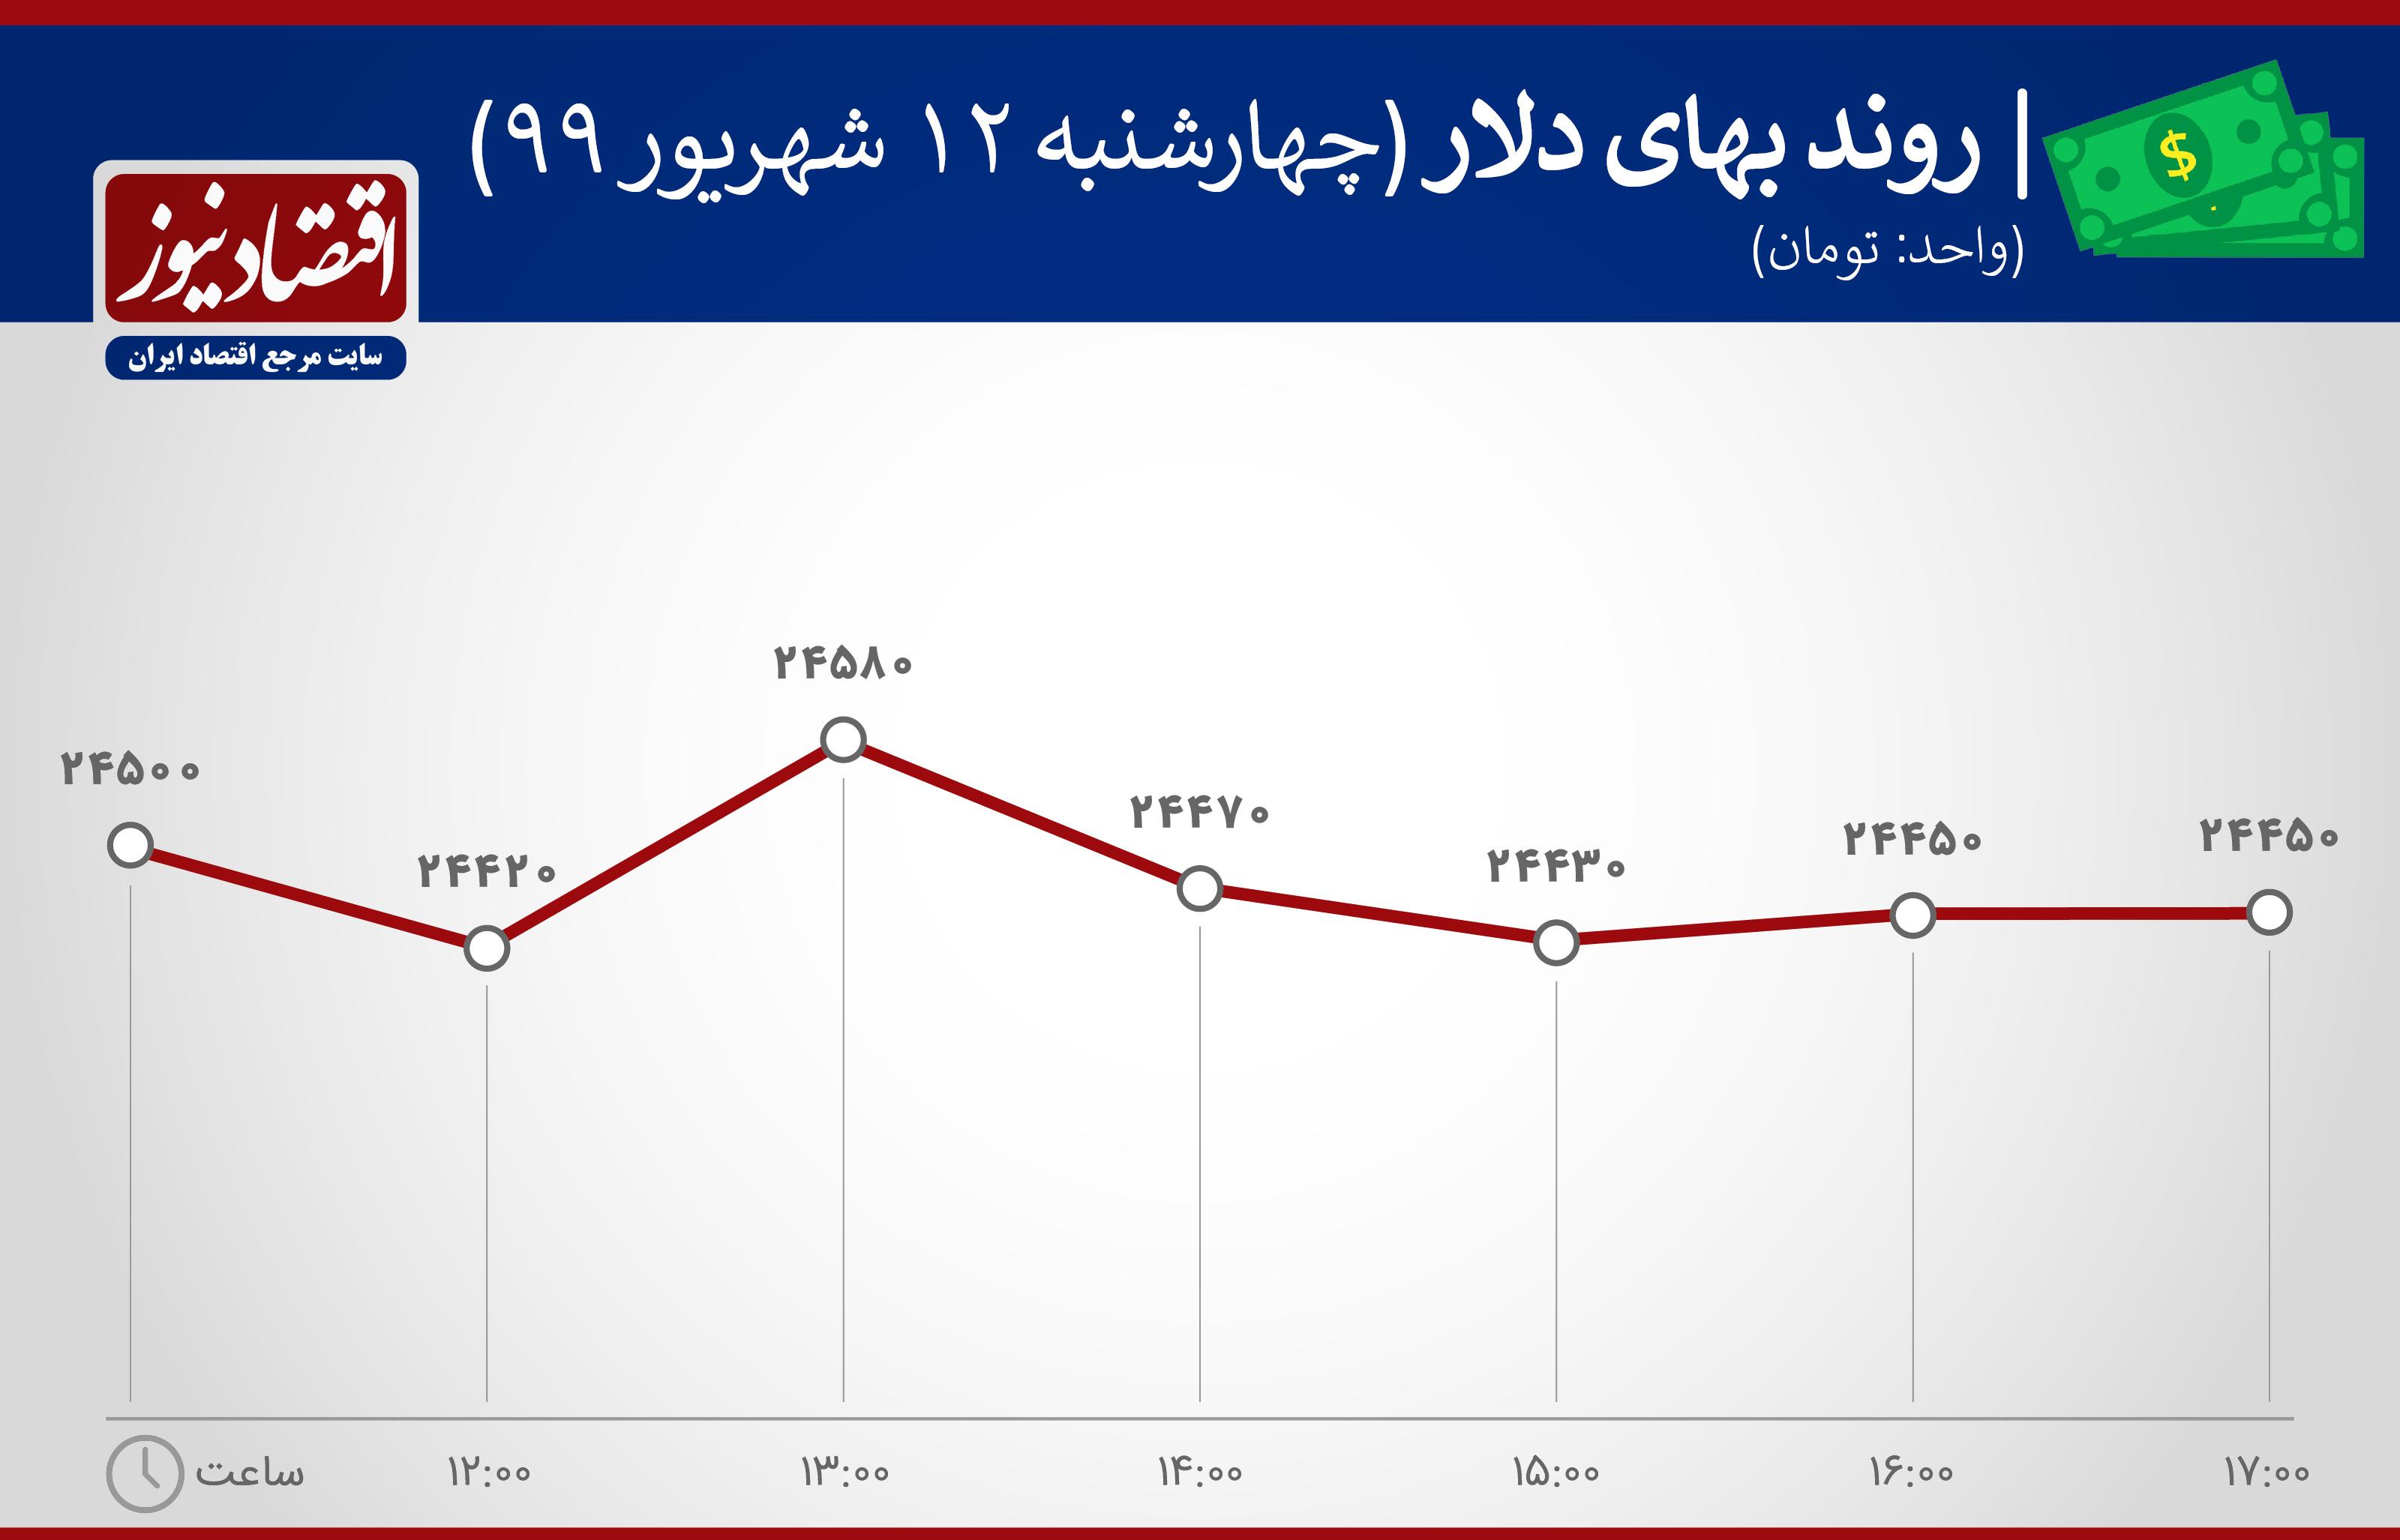 نمودار نوسانات ارزش دلاردر 12 شهریور 99